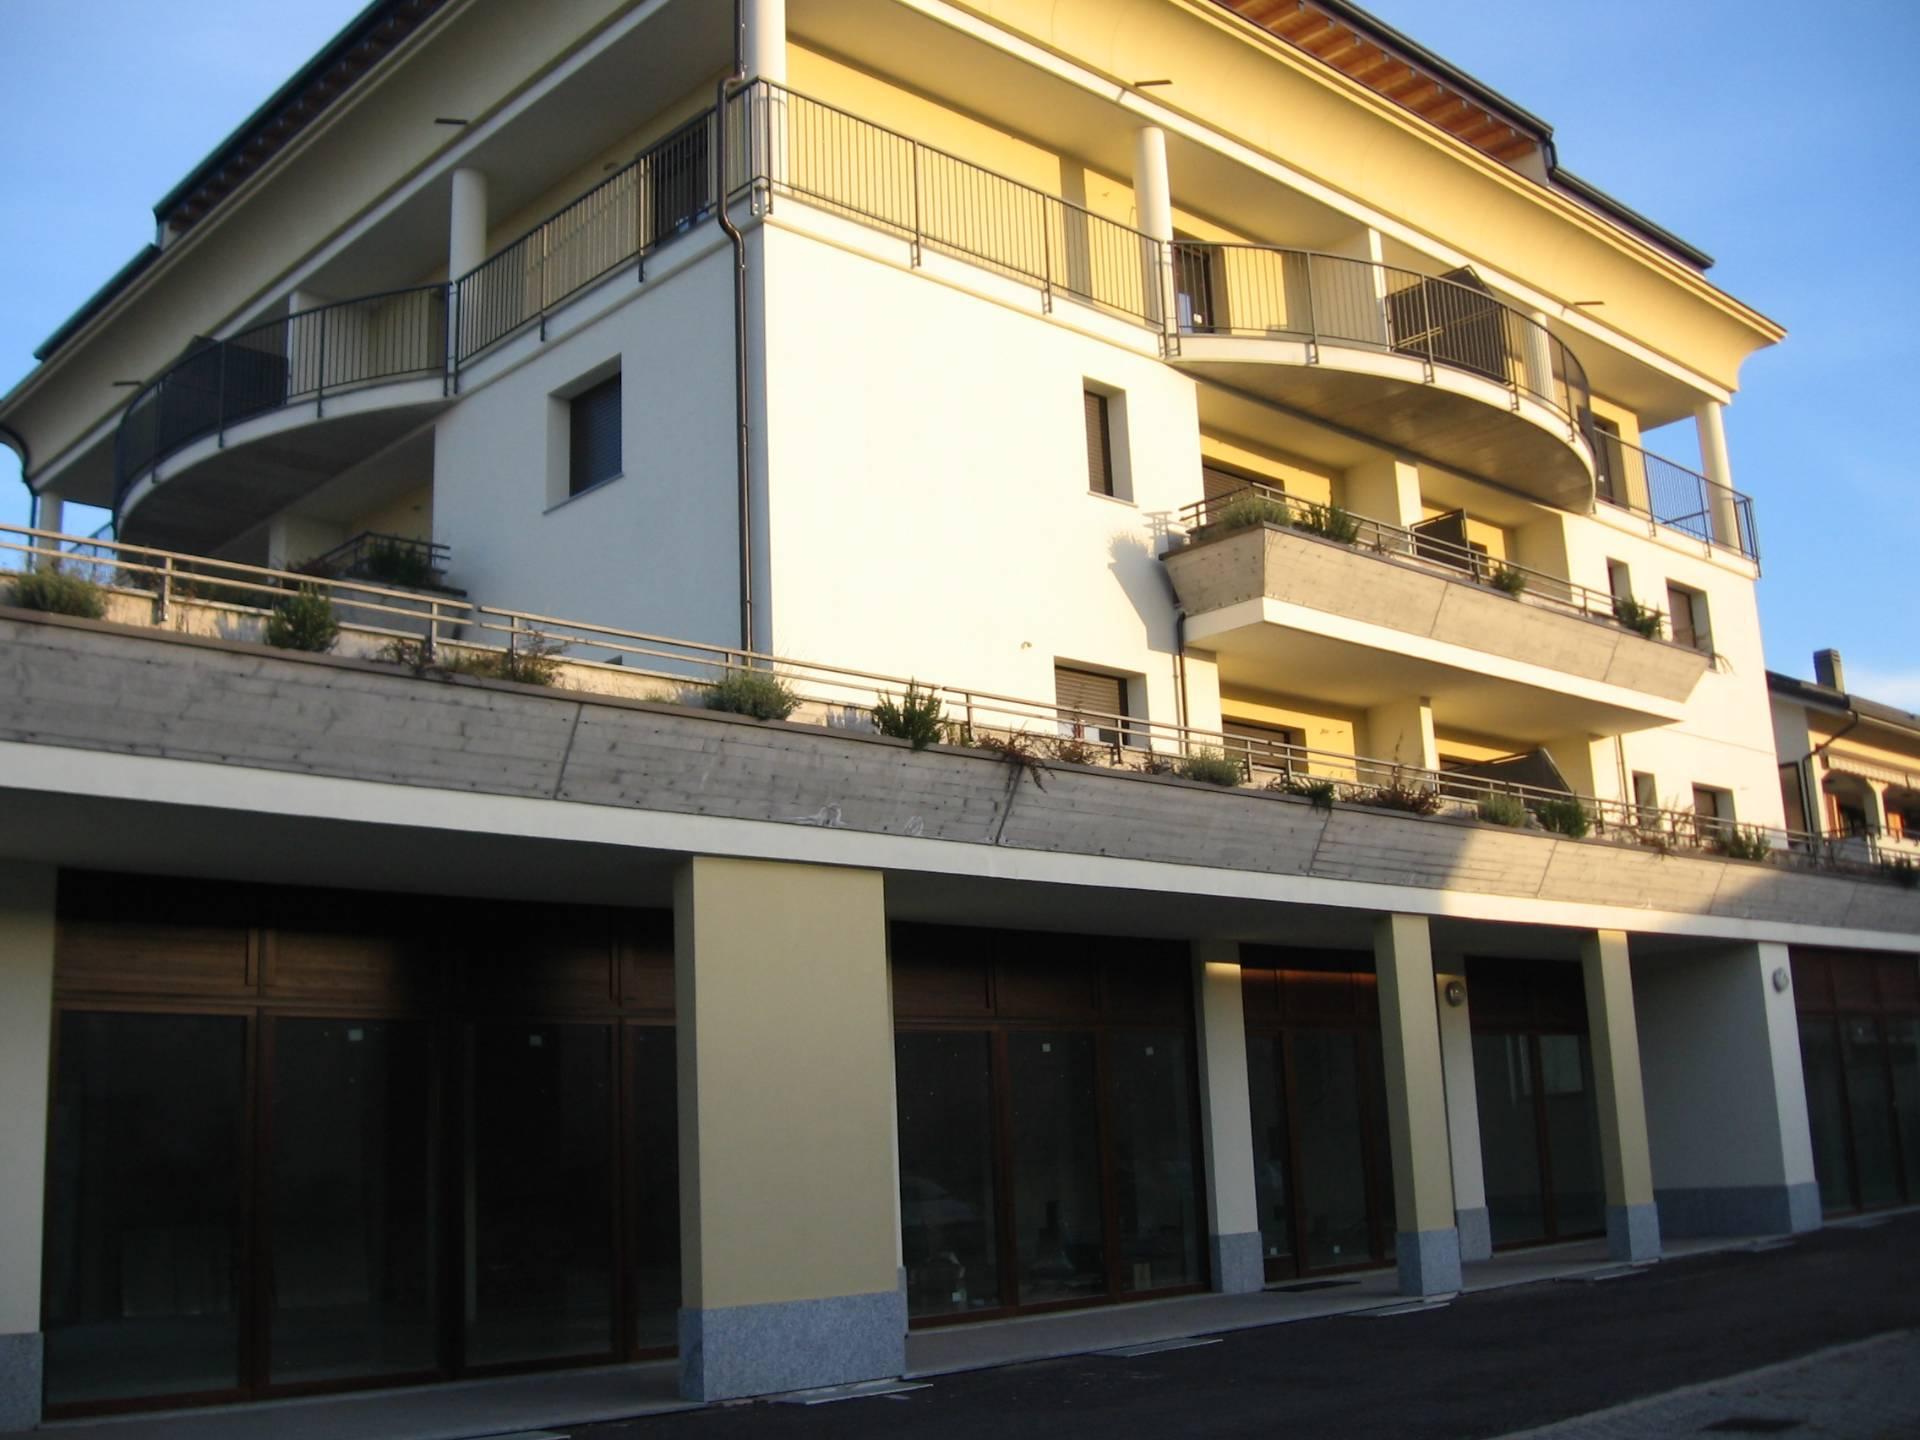 castellanza vendita quart:  oliver immobiliare